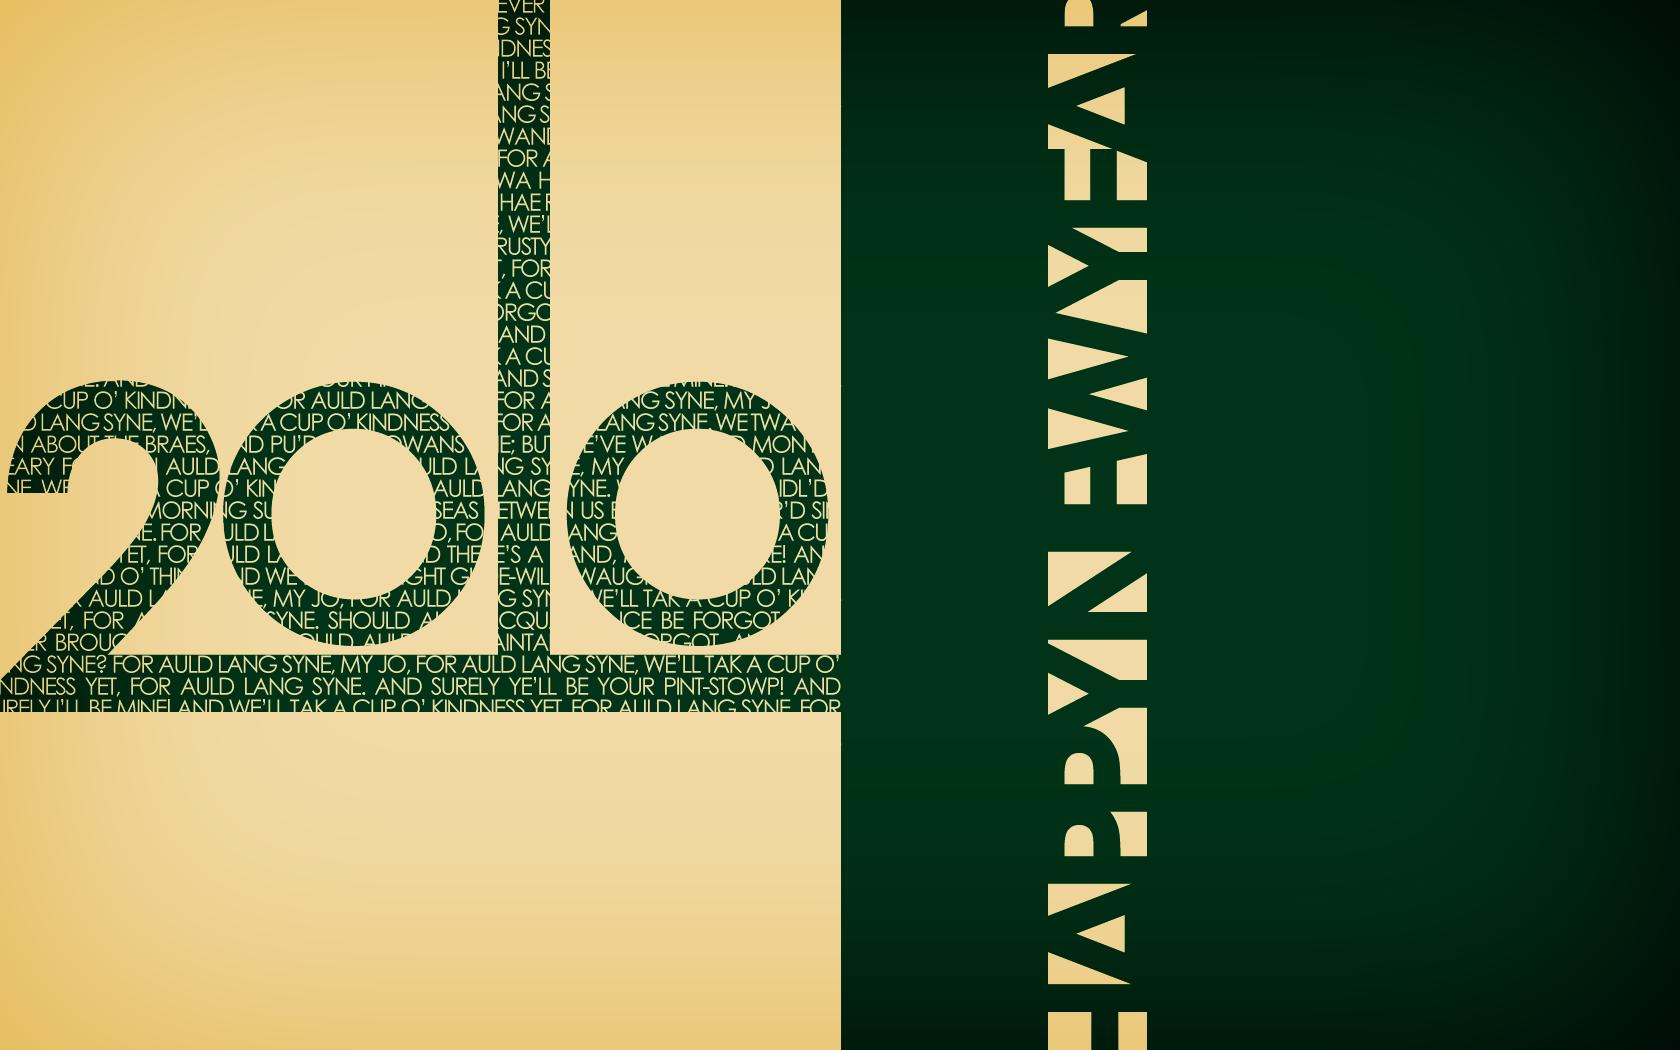 Auld Lang Syne Wallpack by Lebobidabob